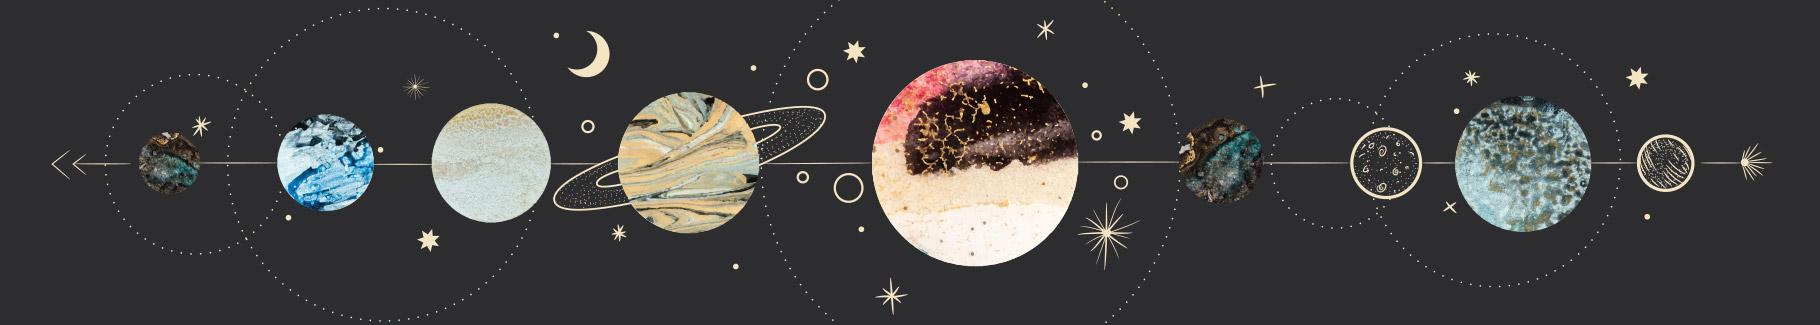 Fototapeta kosmos z fazami księżyca